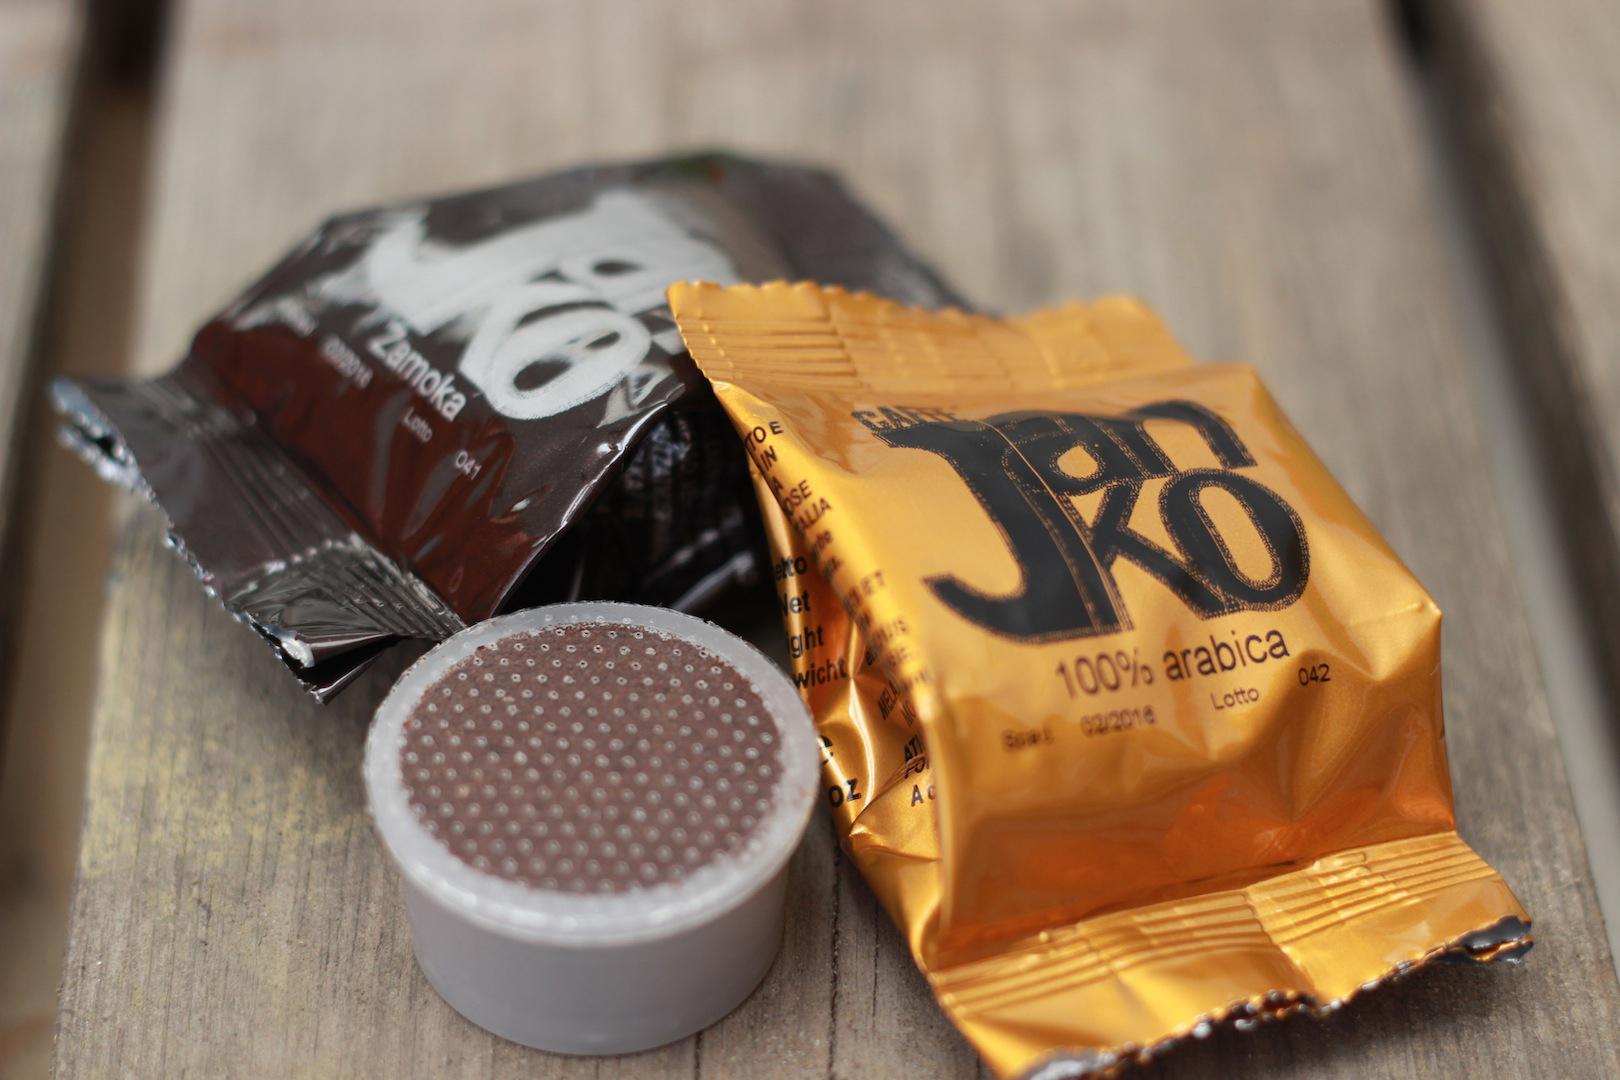 tutto il sapore delle tue miscele Janko preferite - un espresso perfetto con un semplice tocco.